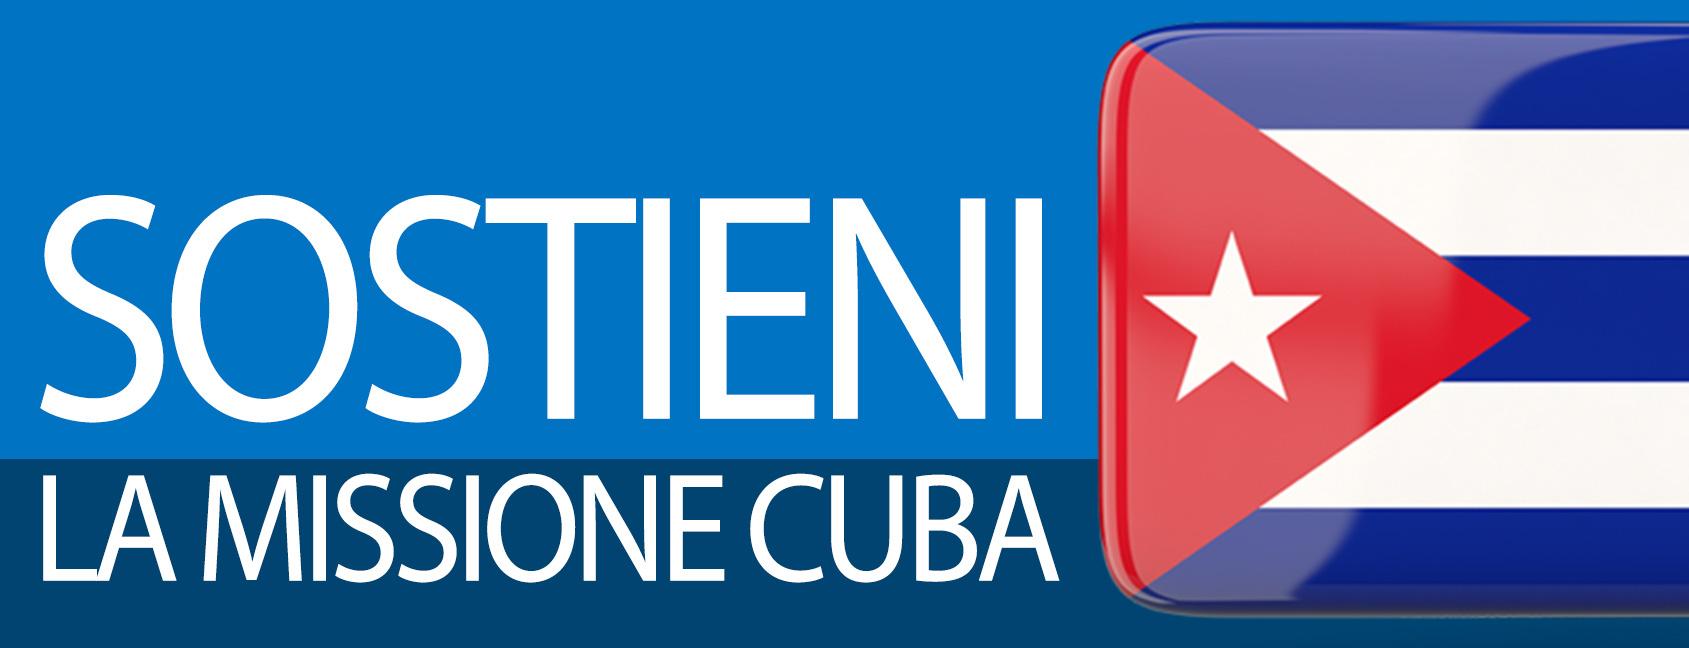 Sostieni la Missione Cuba